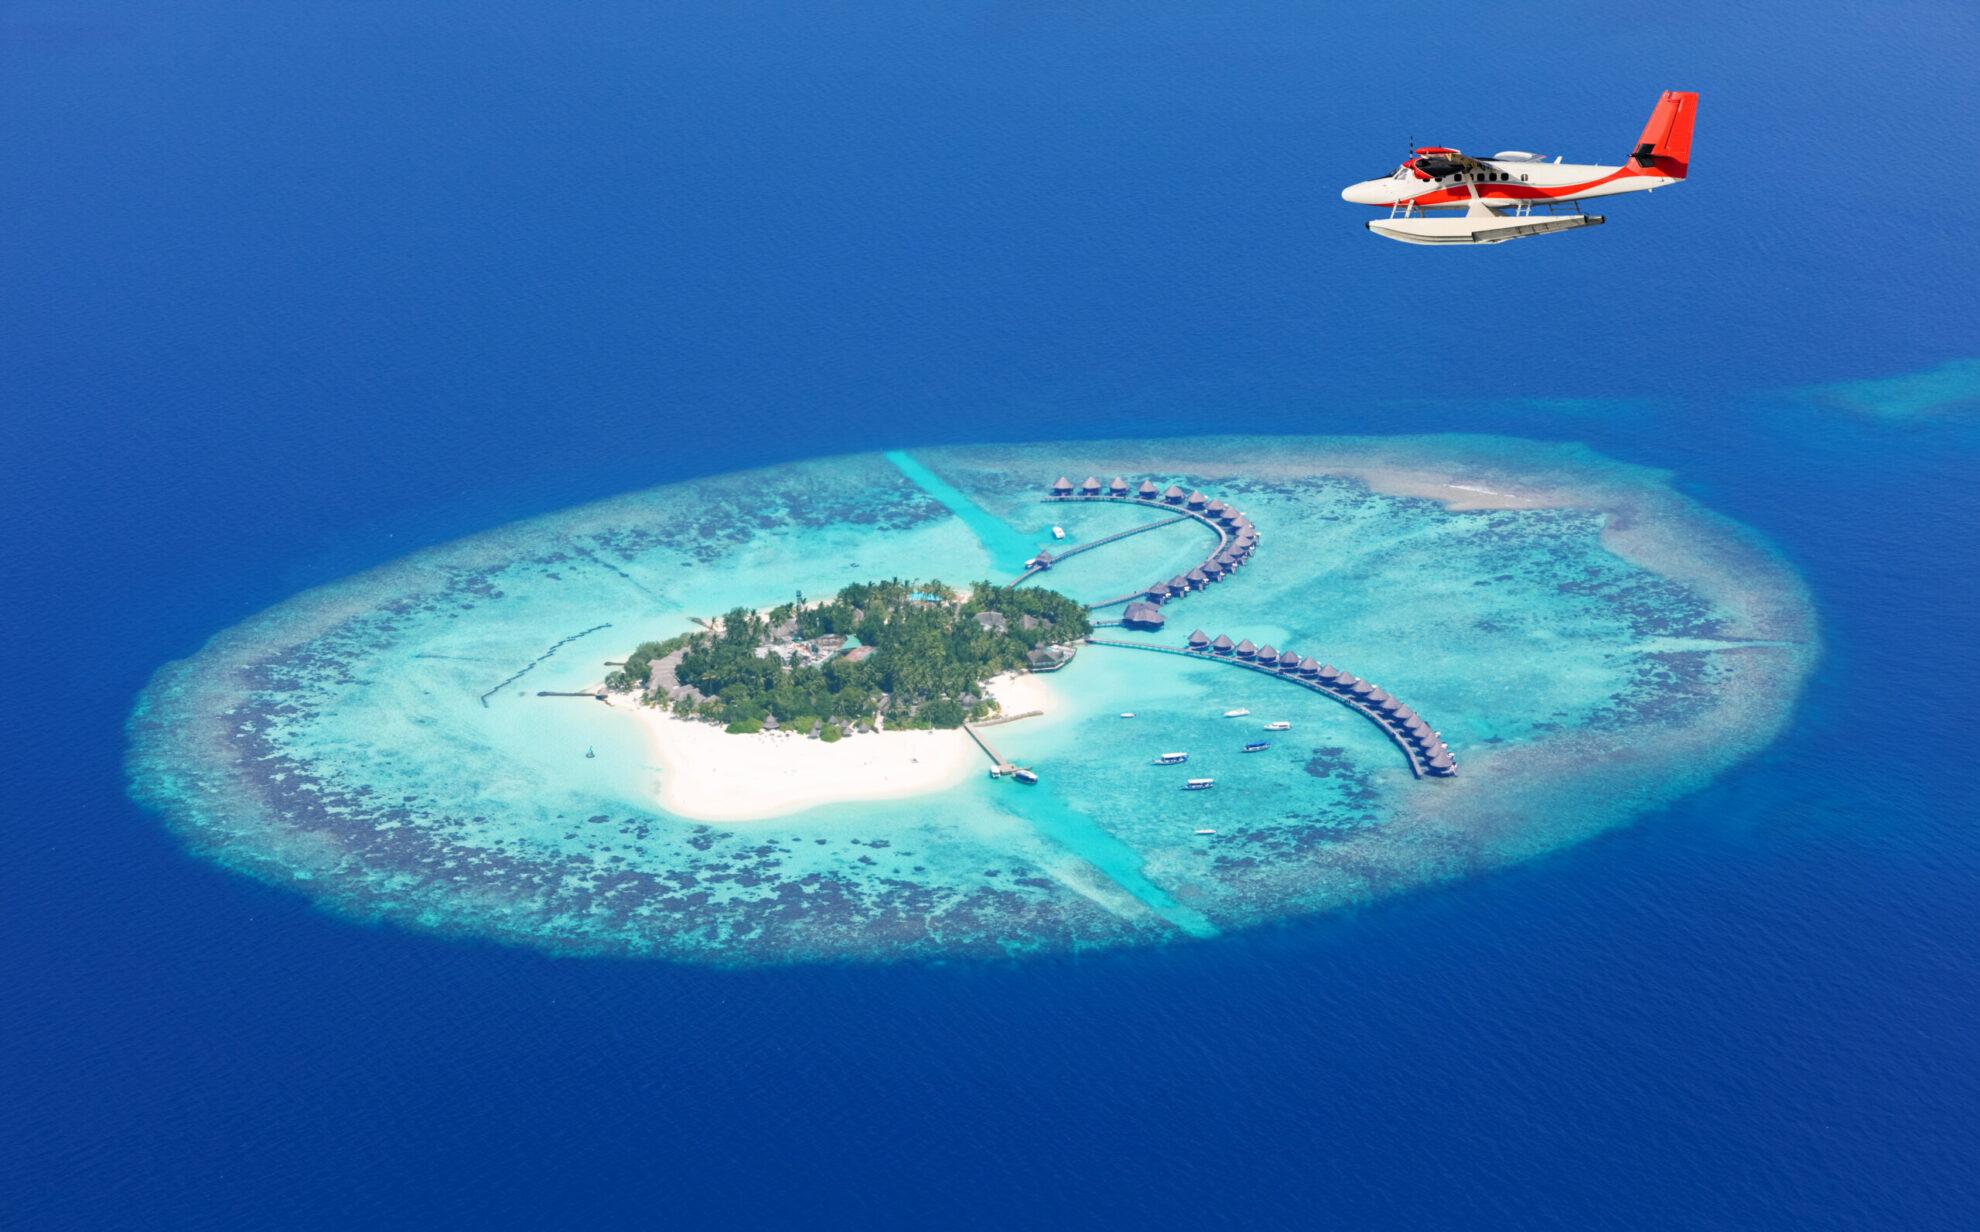 Maldives Raa atol